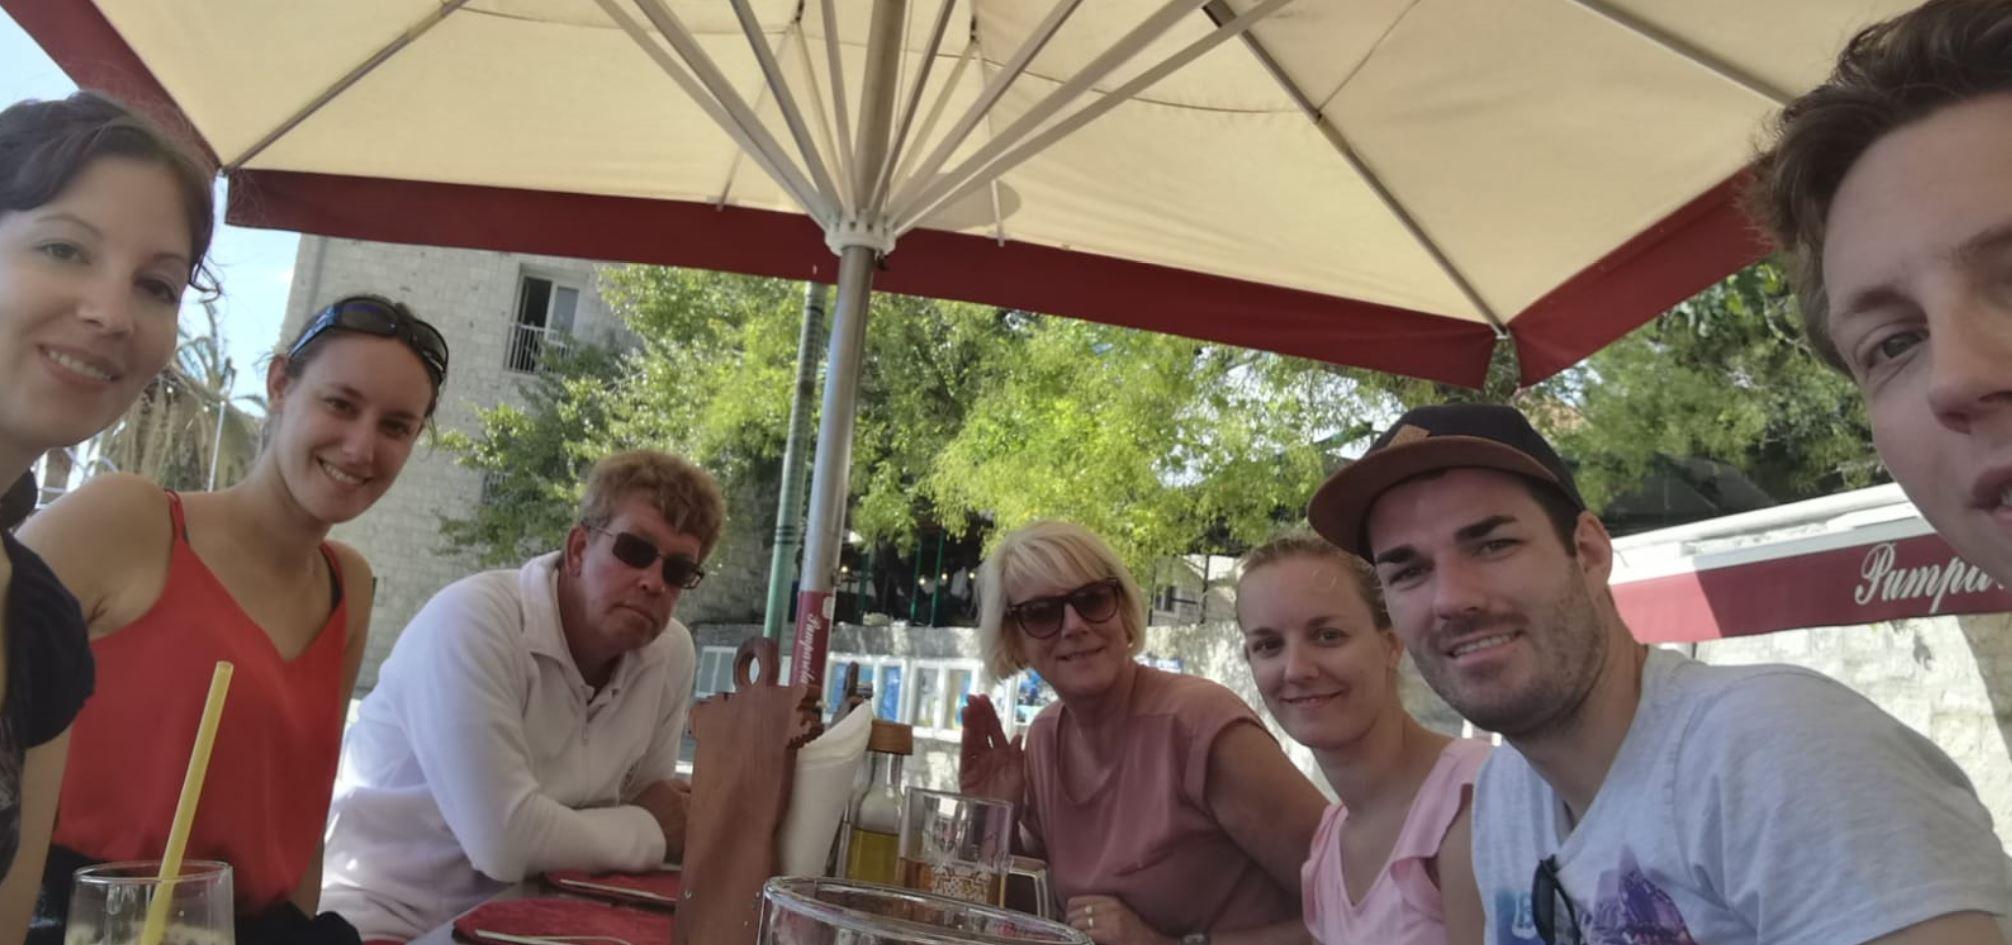 Urlaubsegeln Mittagessen